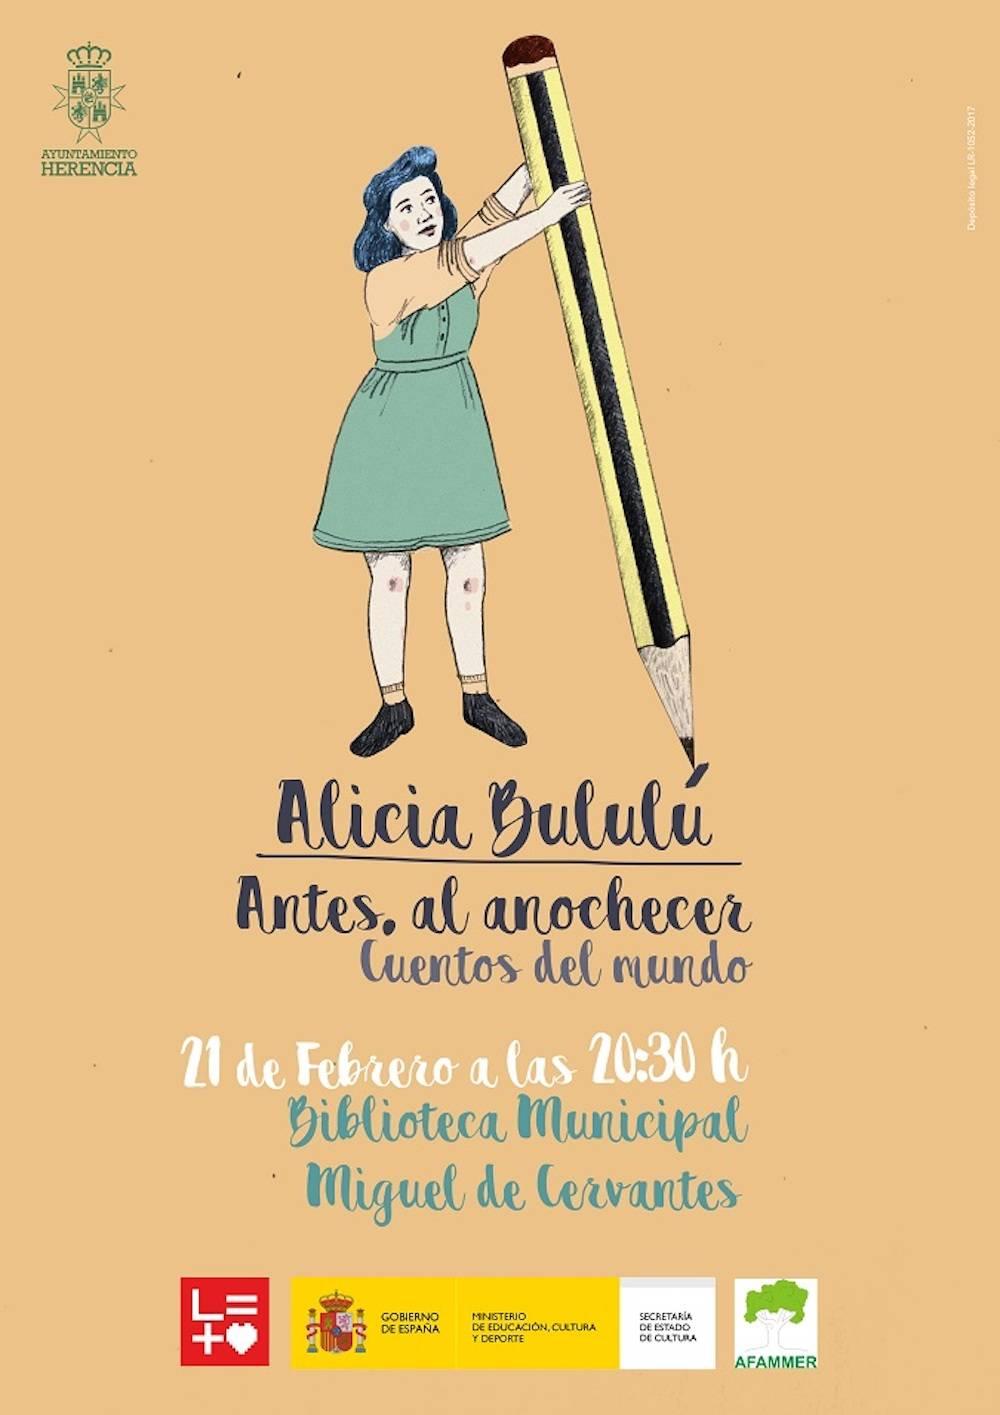 Cuentacuentos para jóvenes y adultos con Alicia Bululú 3